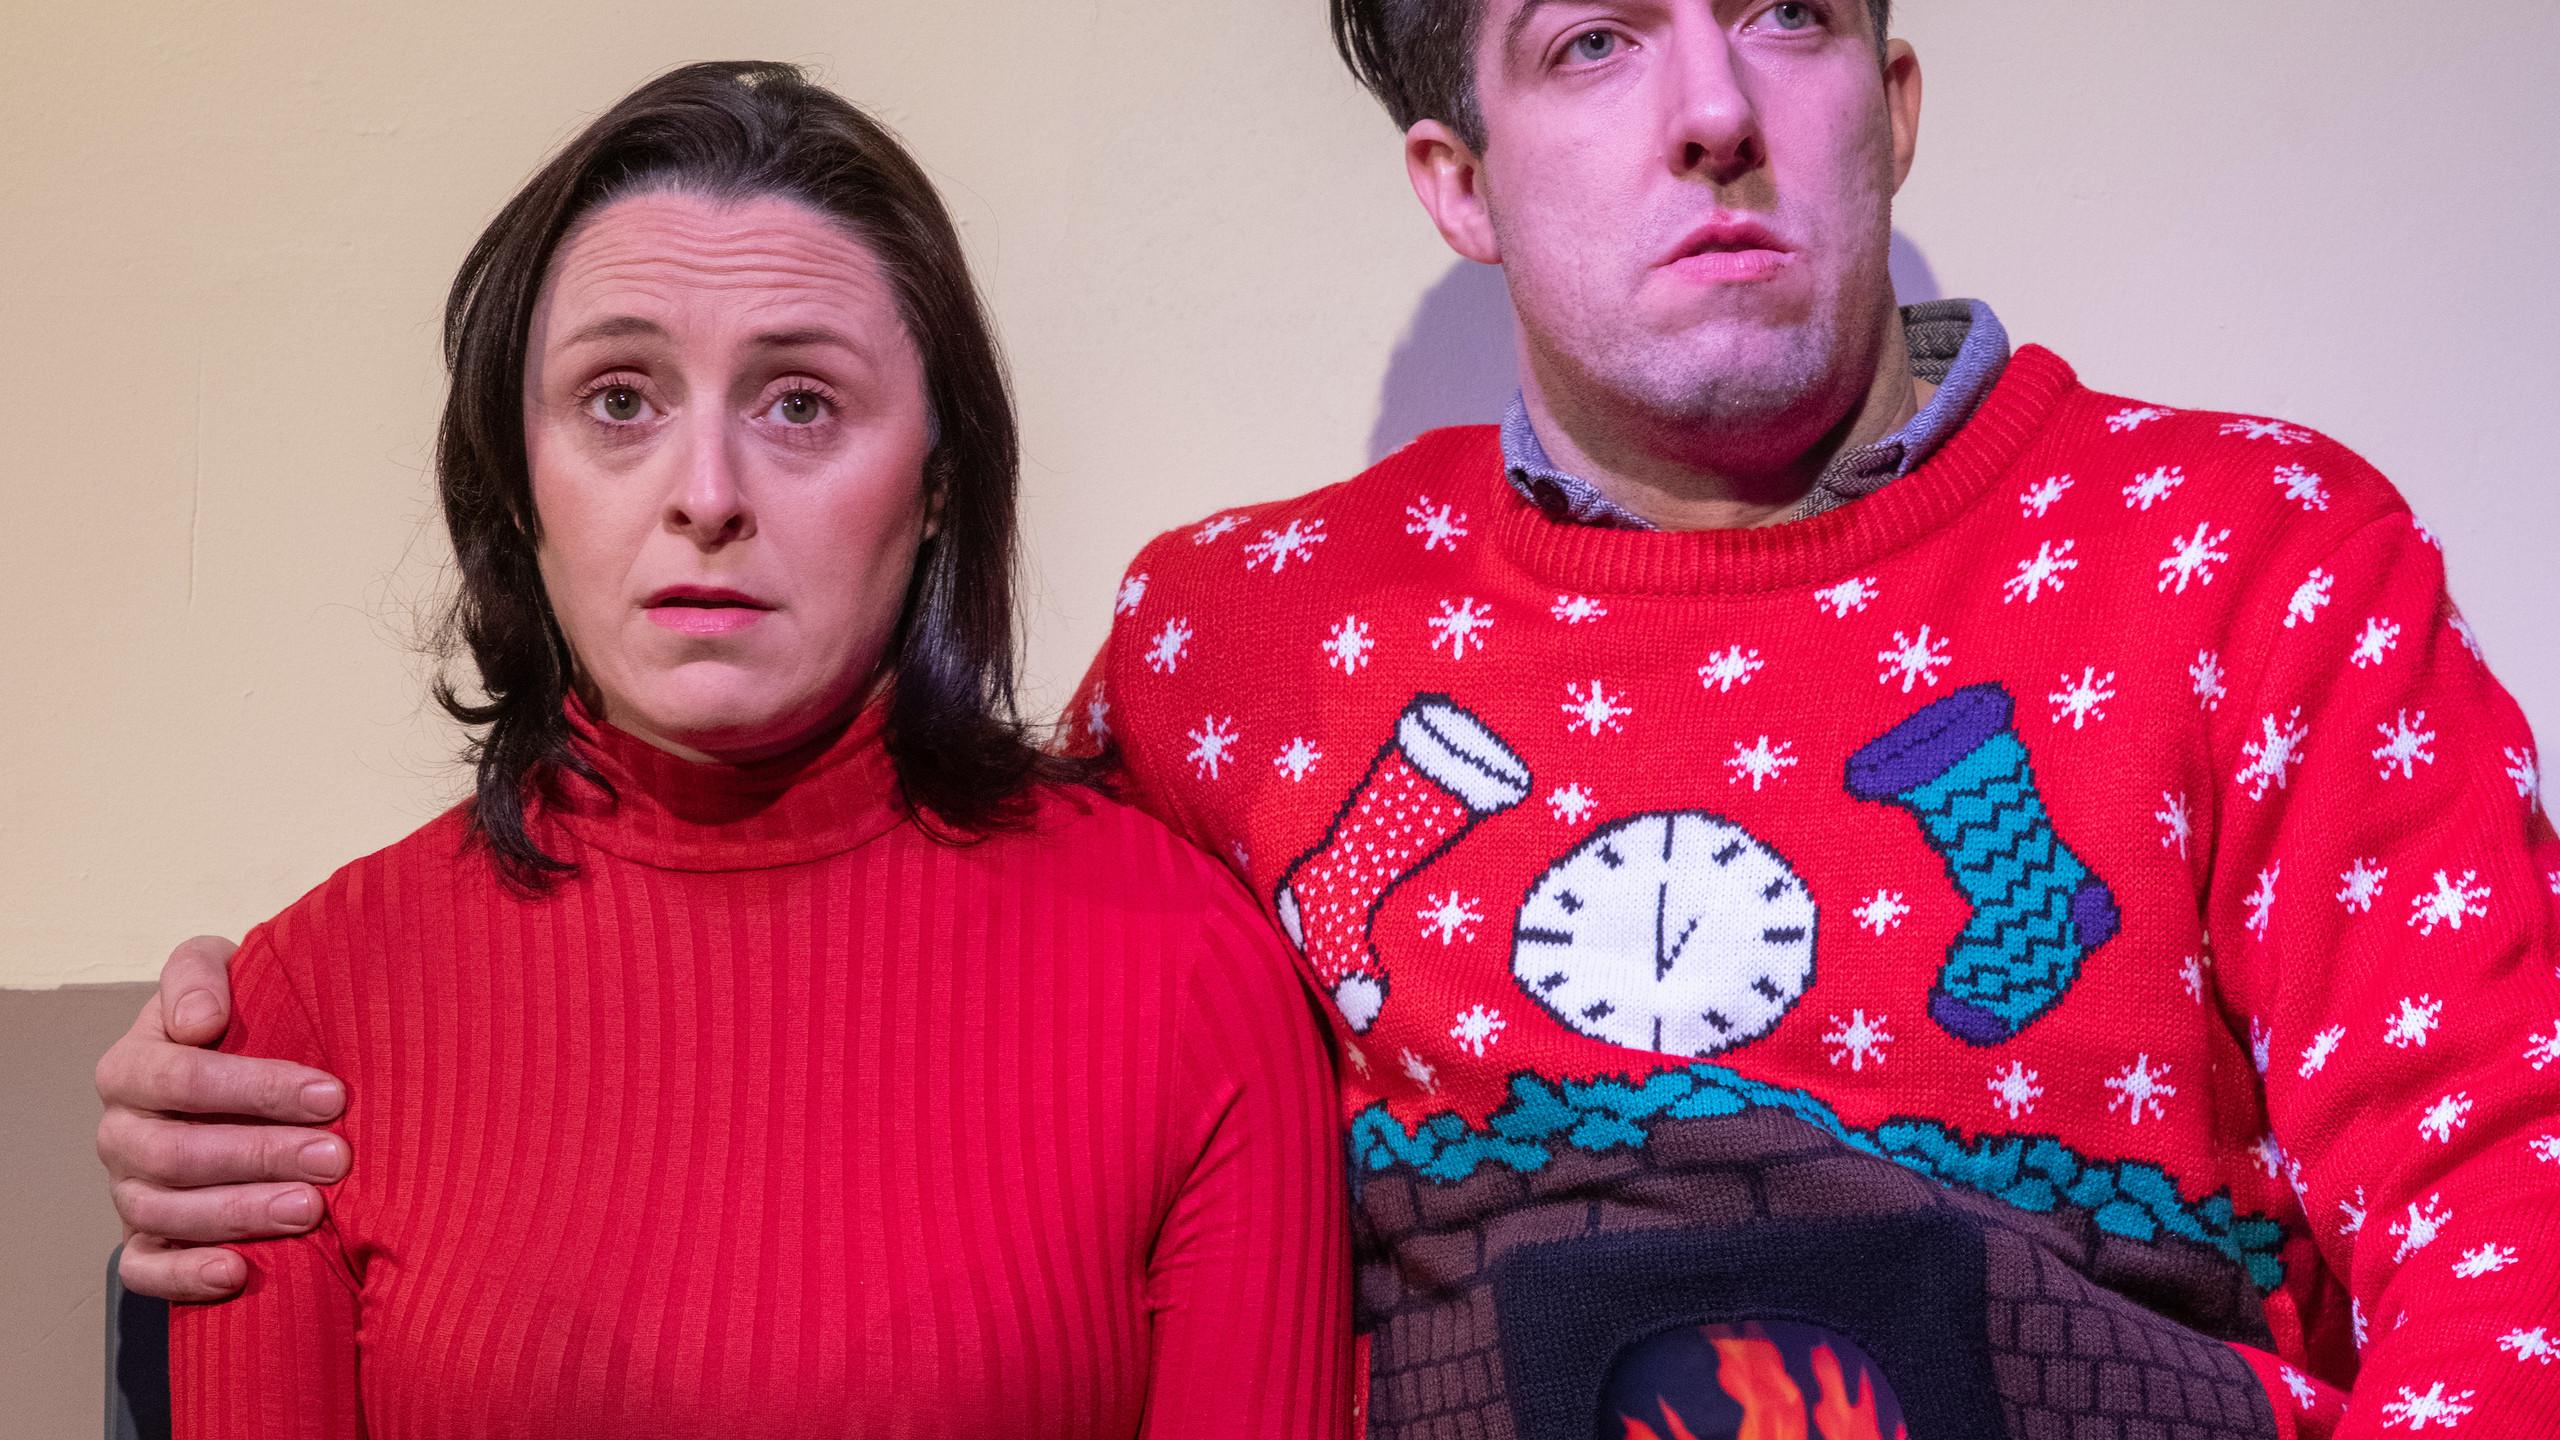 A Christmas Matter by Gary Duggan